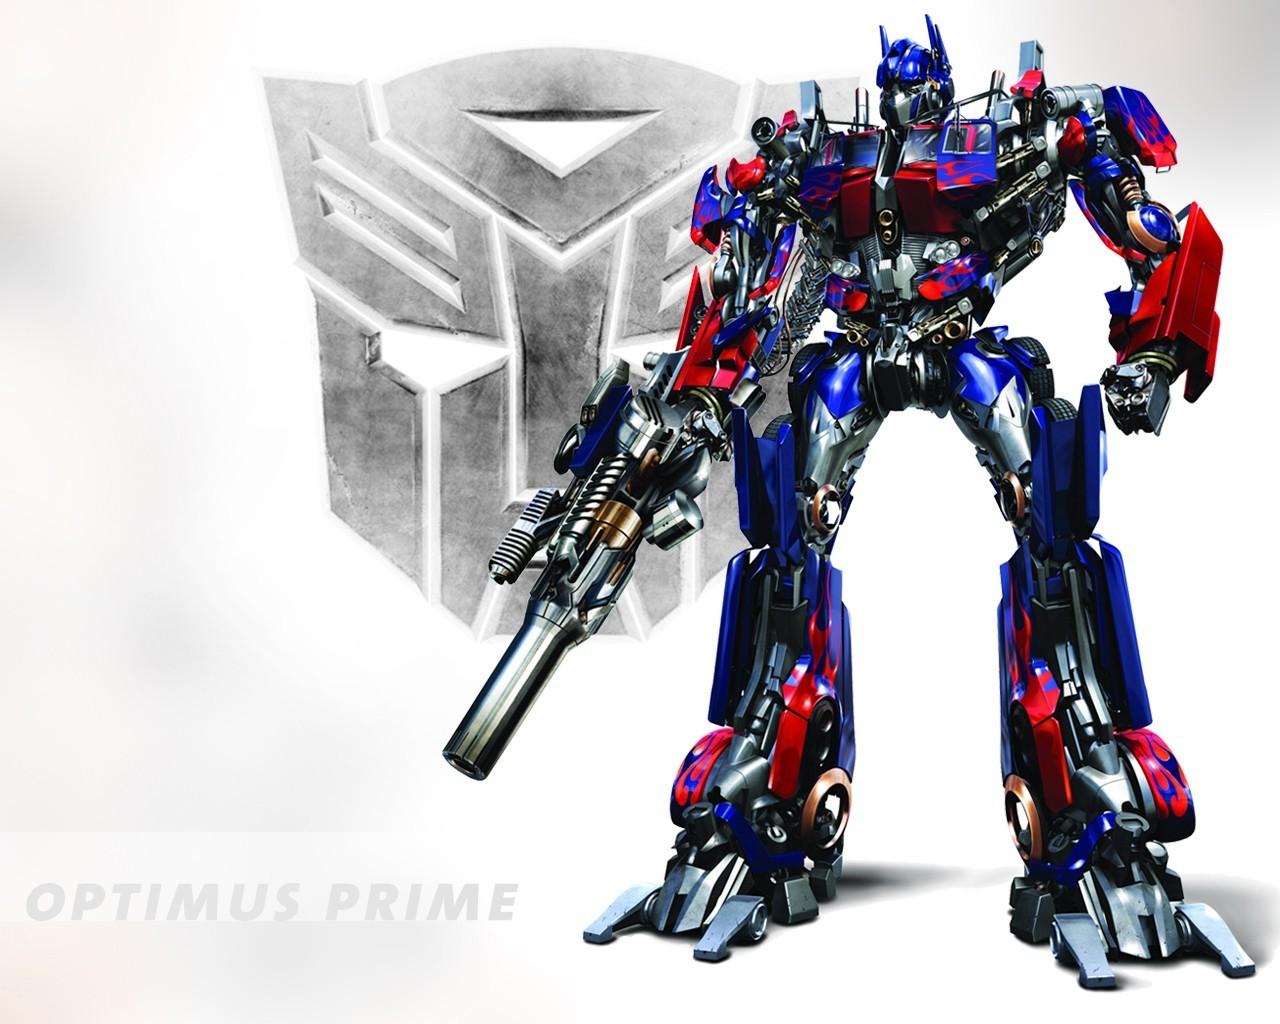 Imagenes De Transformers: Wallpaper Transformers 2 Animaatjes 75